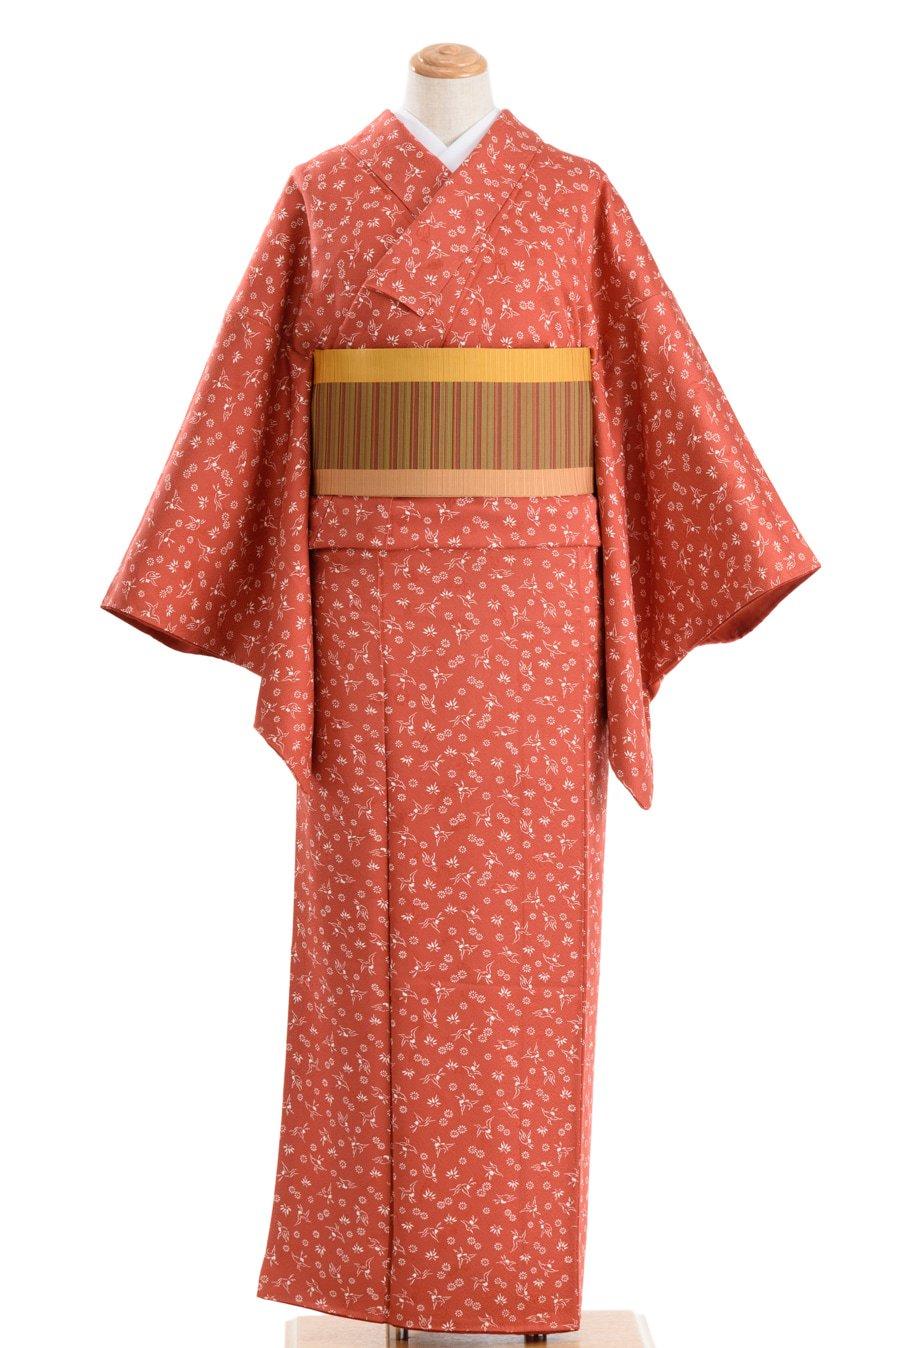 「小さな菊と鶴」の商品画像